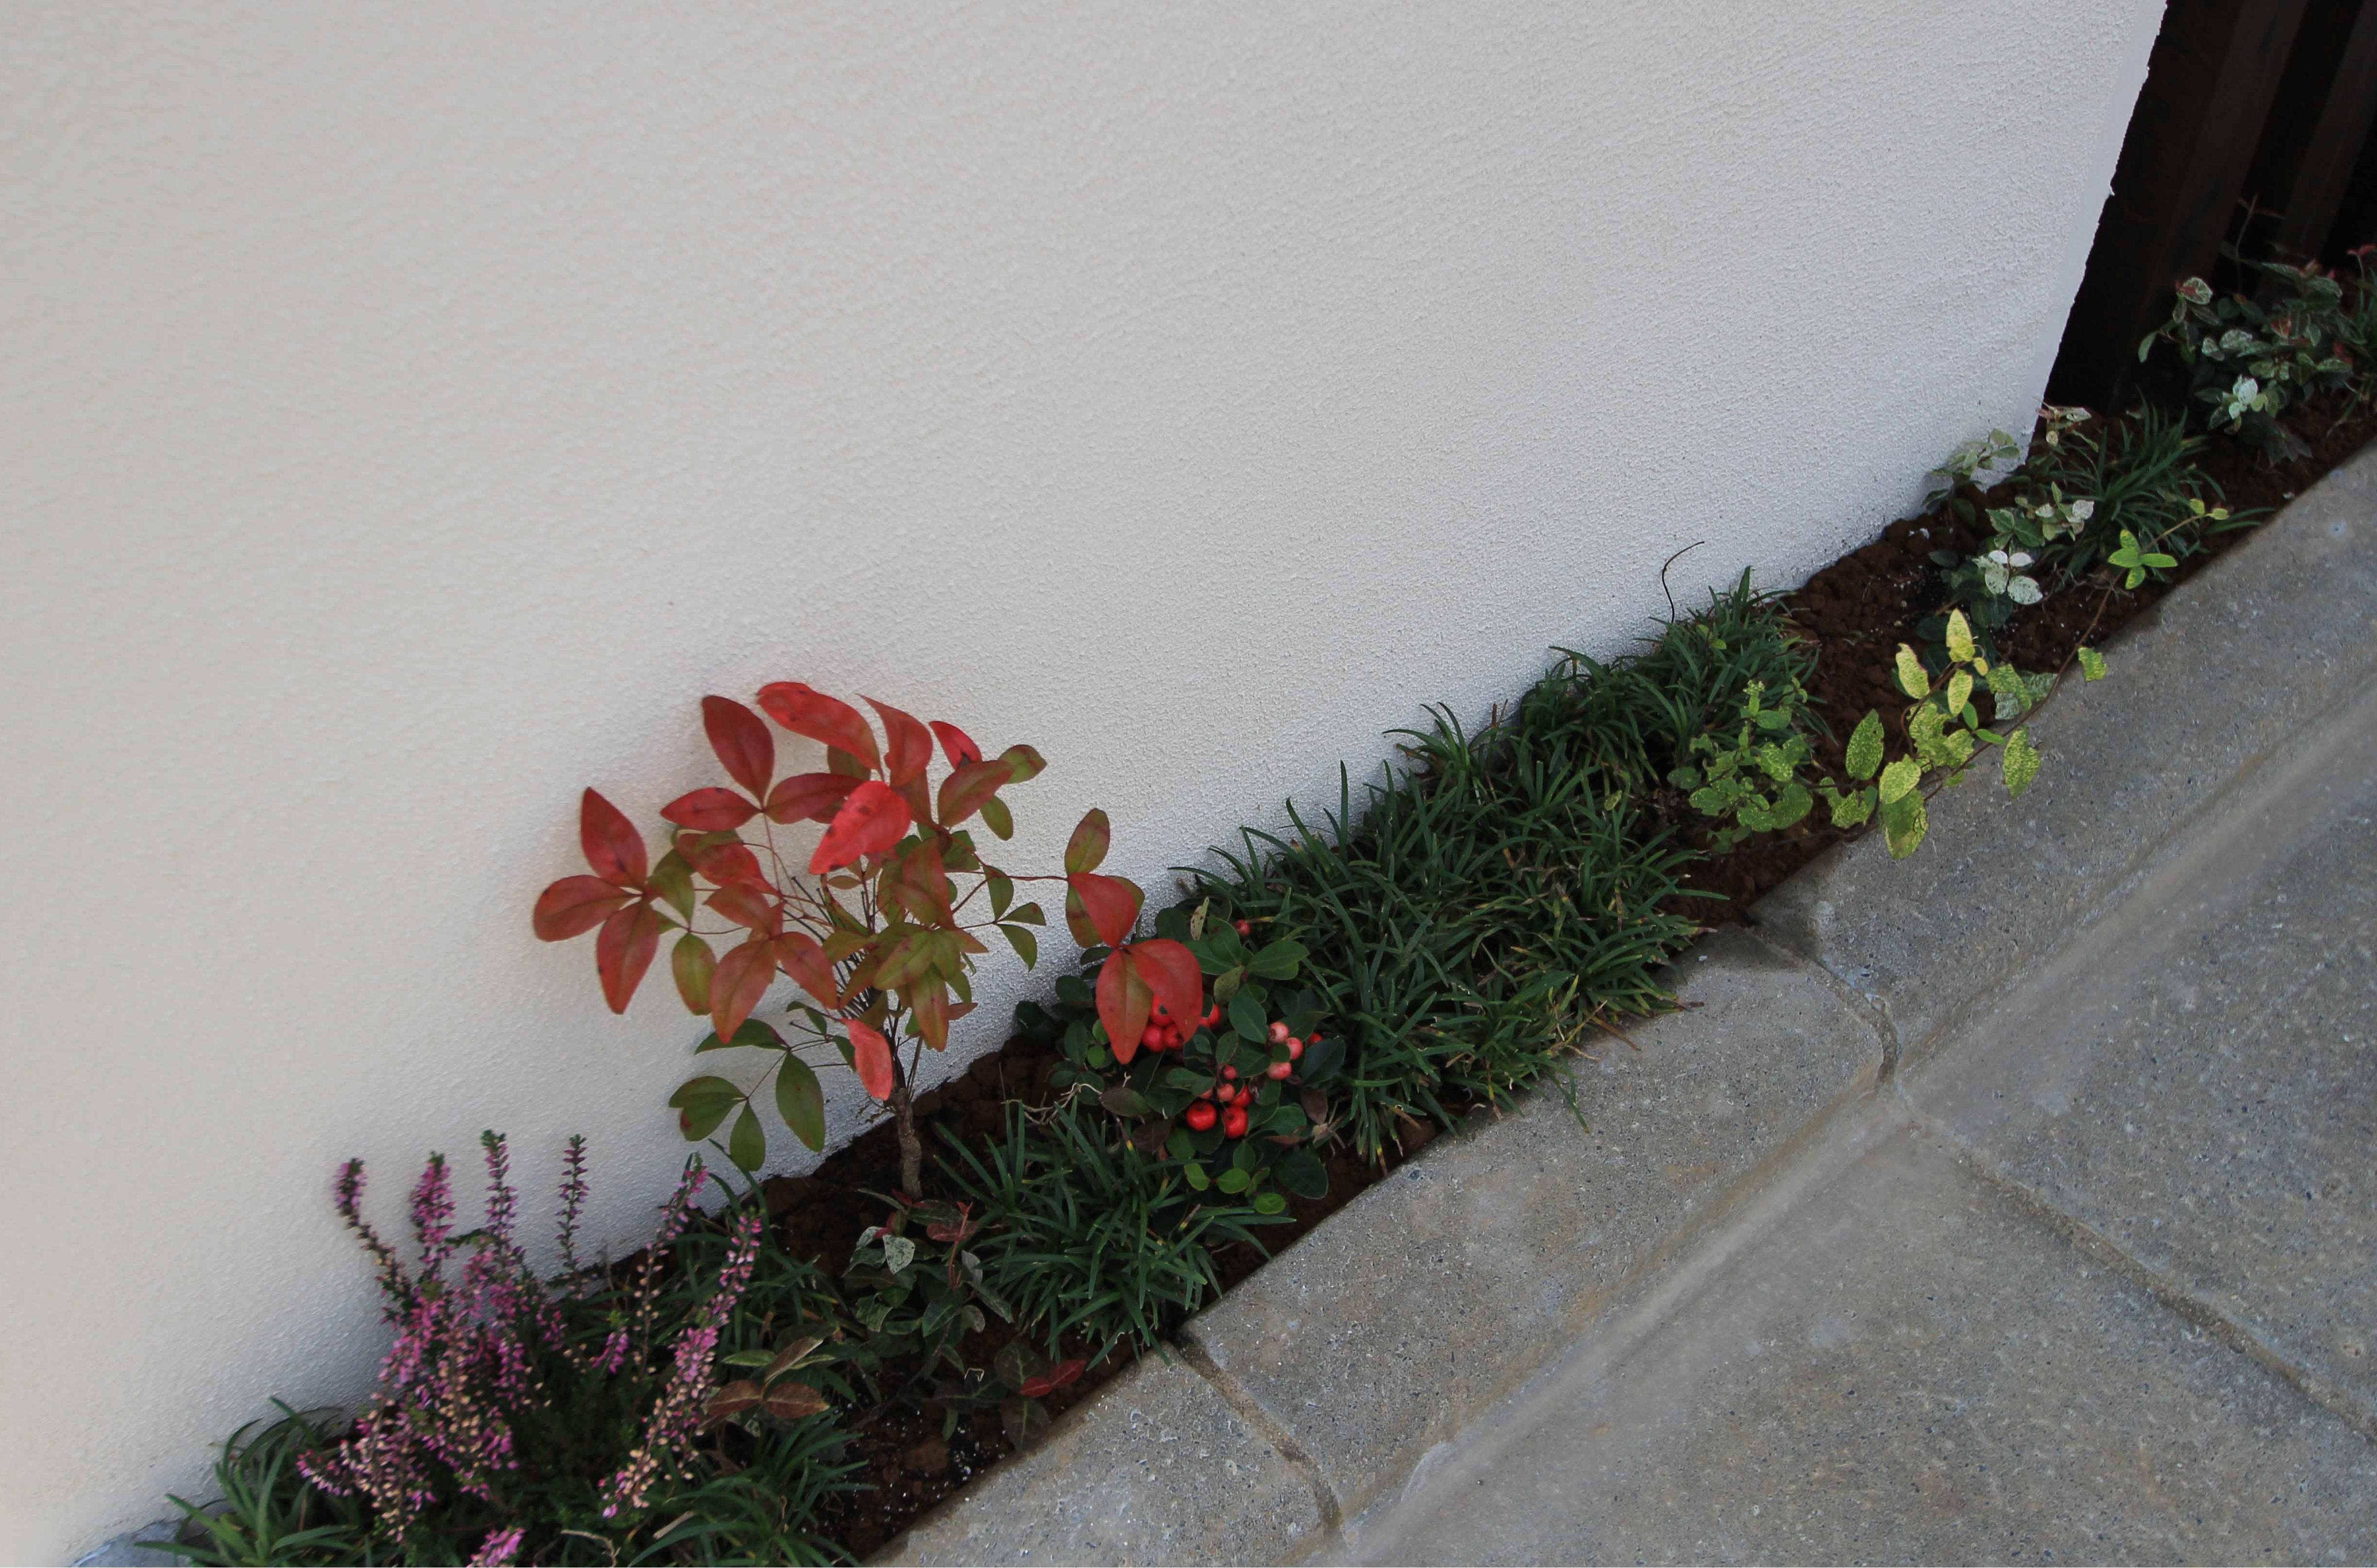 千葉市緑区。ナチュラルな石貼りとシンボルツリーの玄関廻り。6